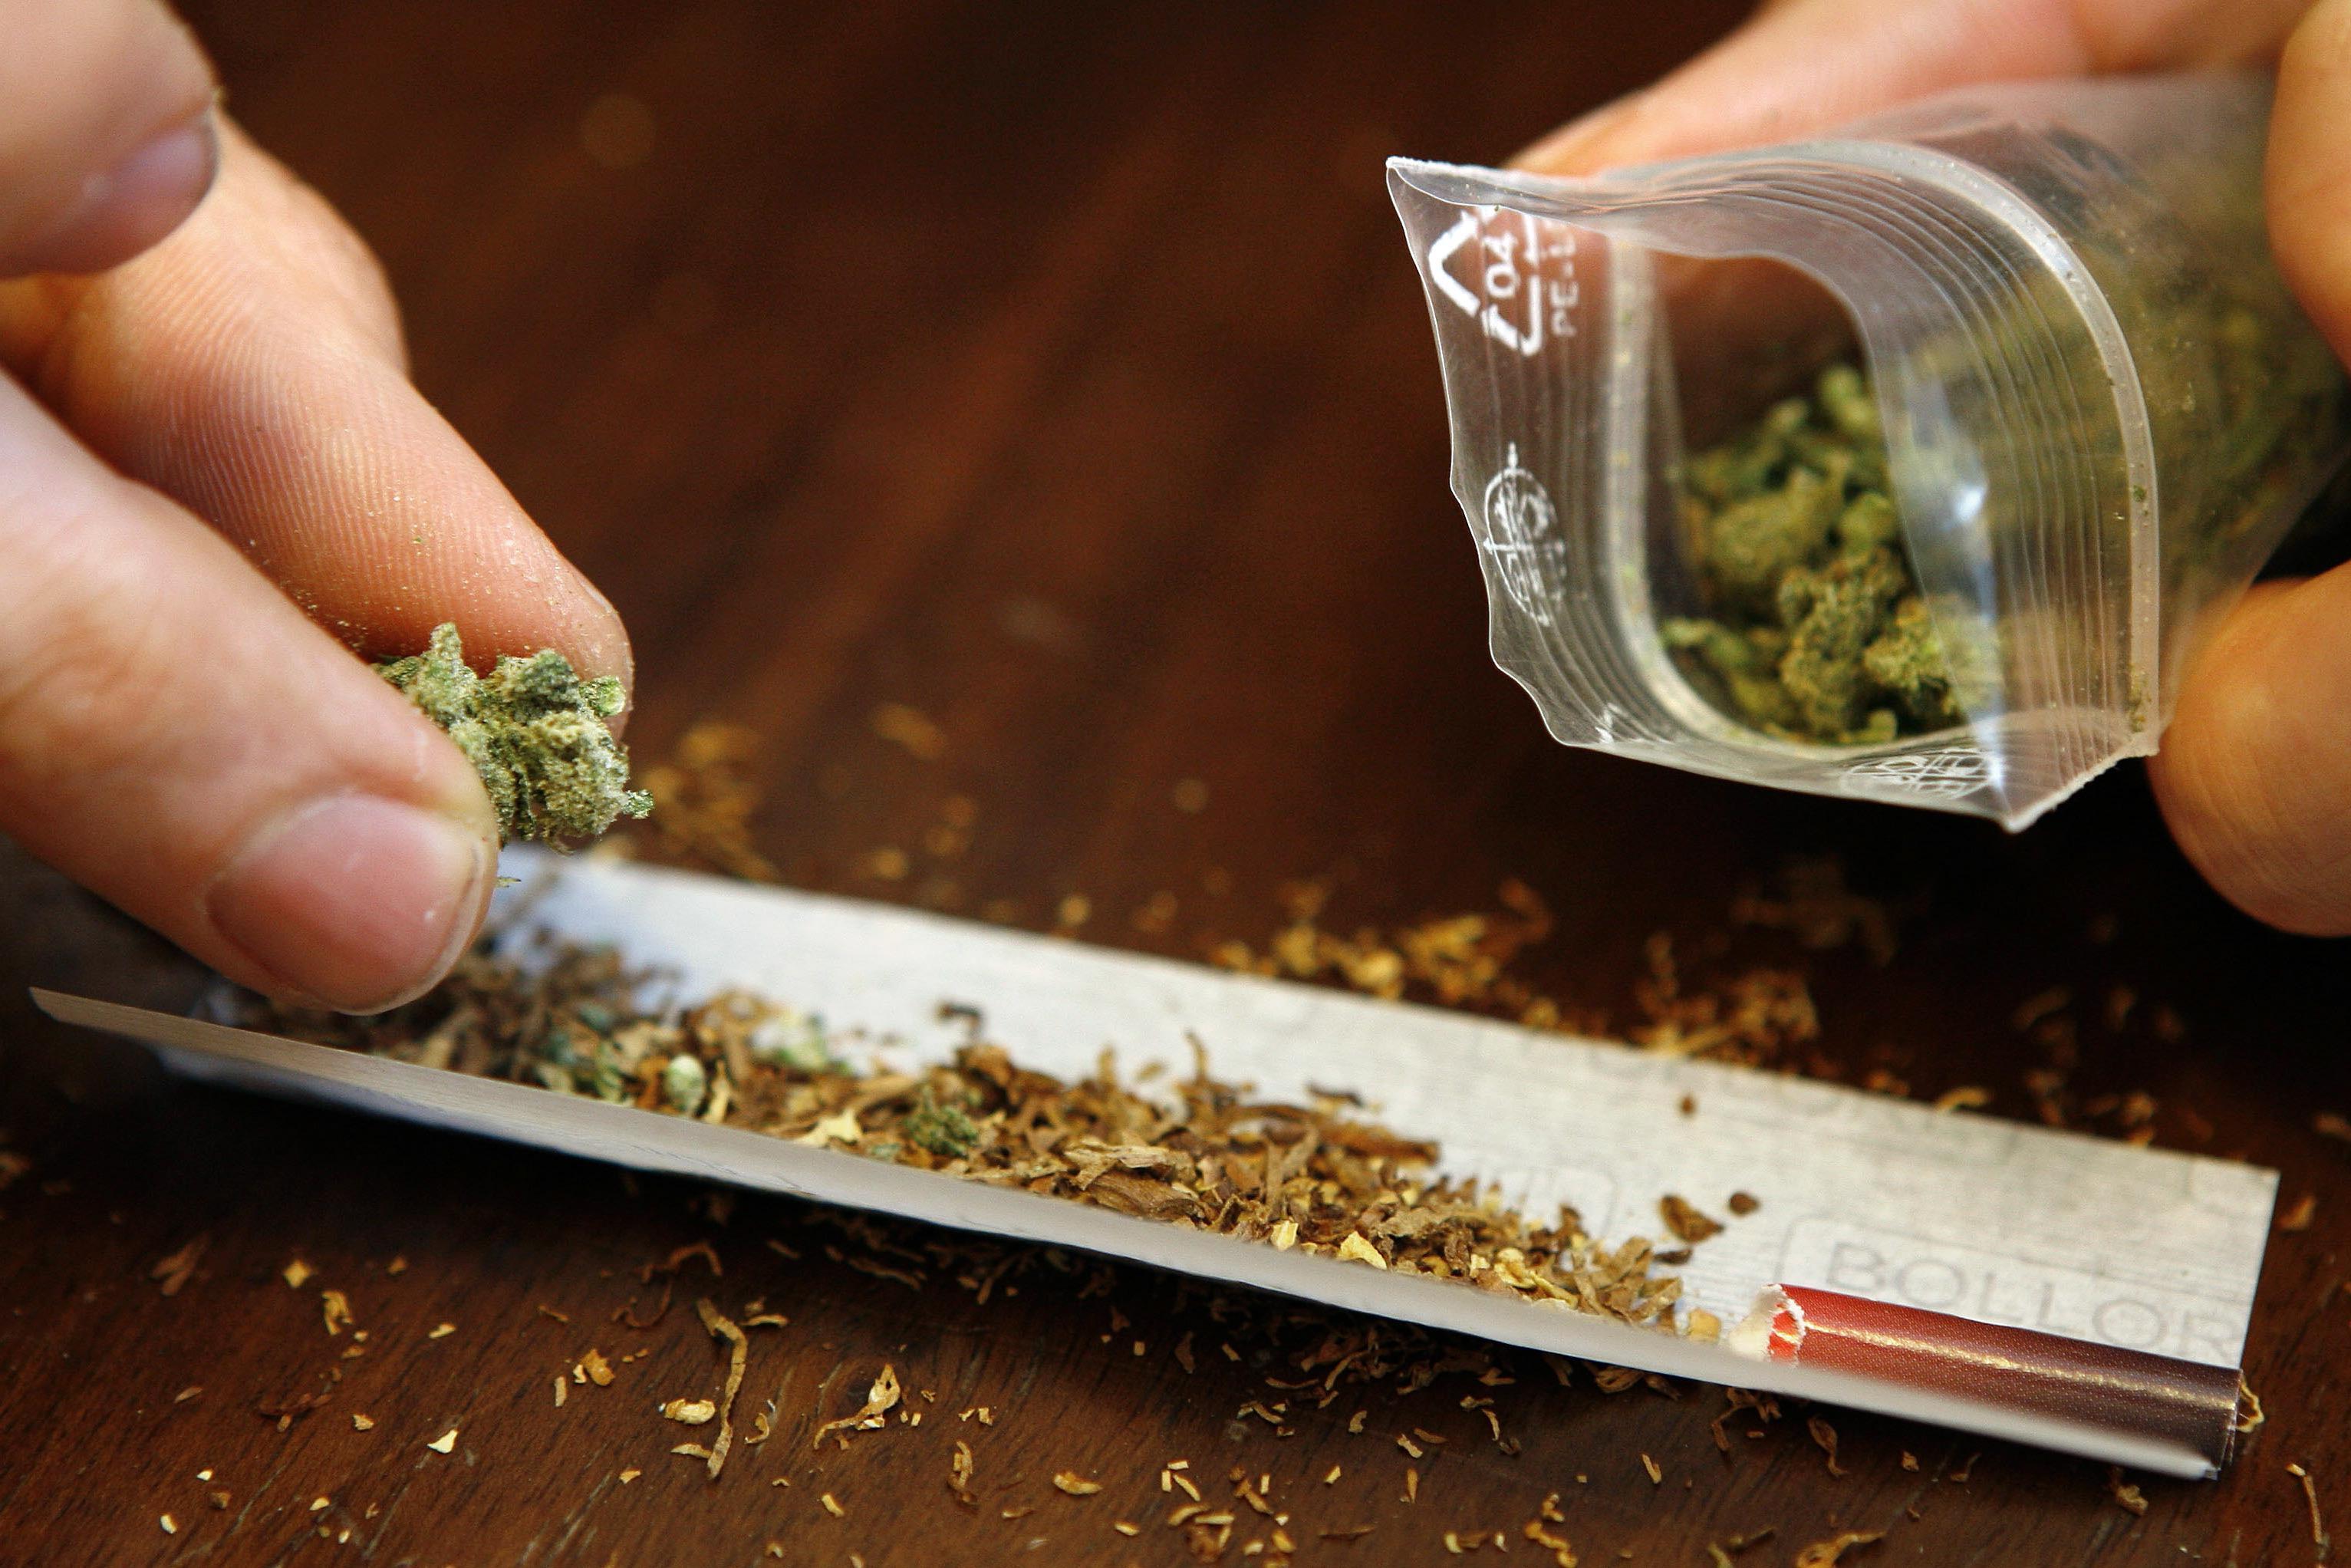 Informações sobre Cannabis (Maconha)